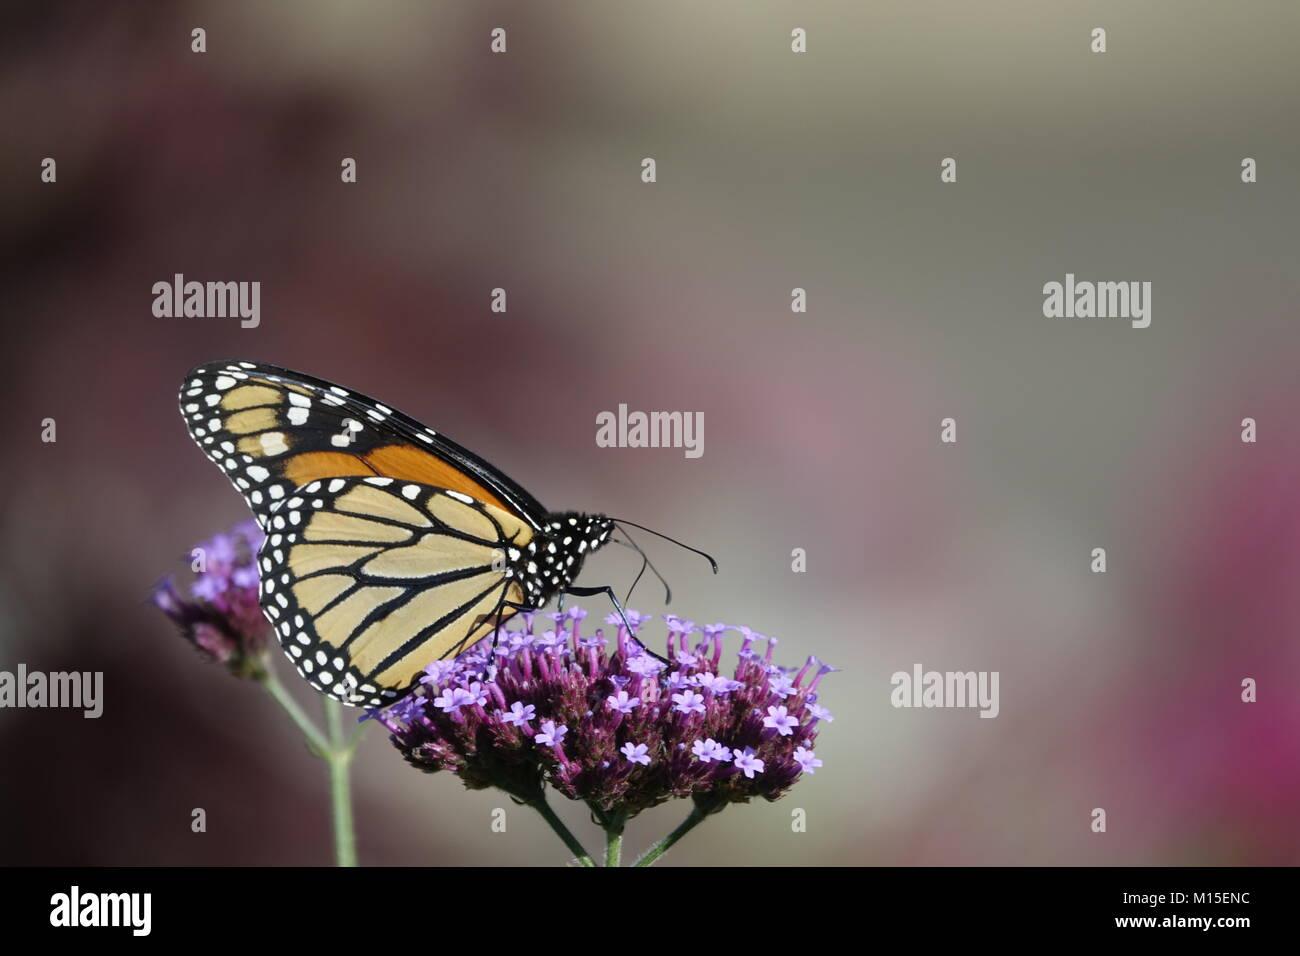 Monarch Butterfly in Purple Flower Garden Stock Photo